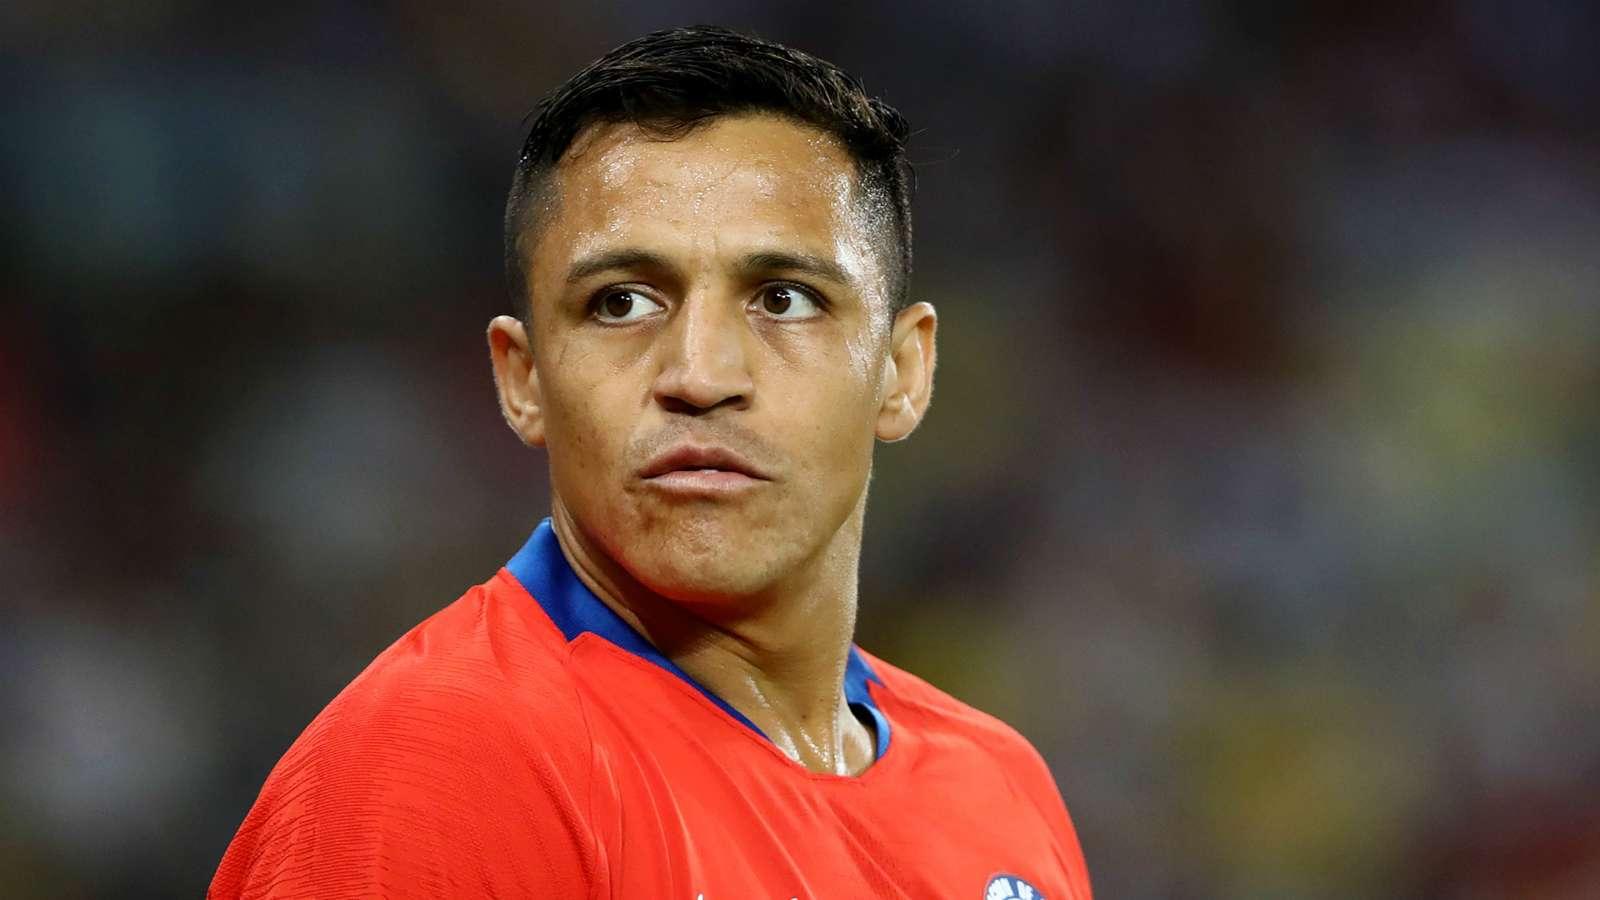 亚历克西斯在对阵阿根廷队的比赛中受伤后,为曼联赢得了警钟